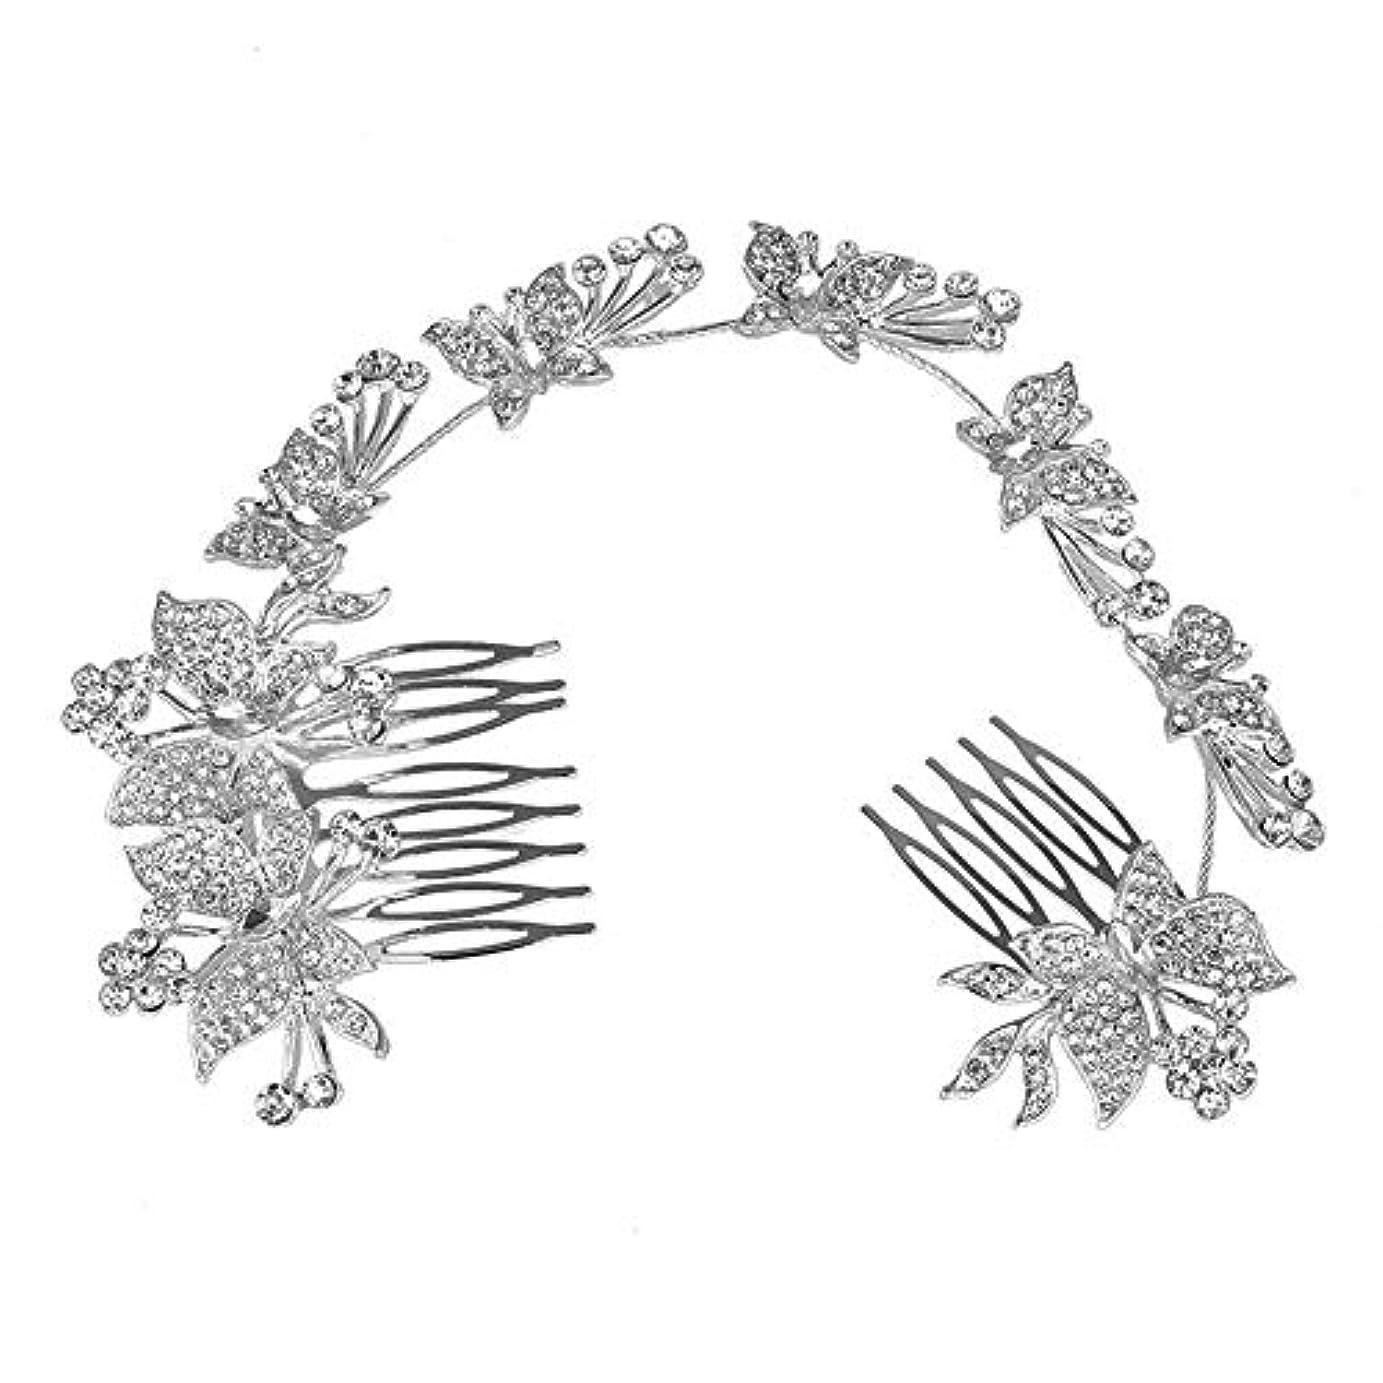 するリブ純度髪の櫛、櫛、蝶、髪の櫛、ブライダル髪の櫛、結婚式の髪の櫛、ラインストーンの櫛、ヘッドギア